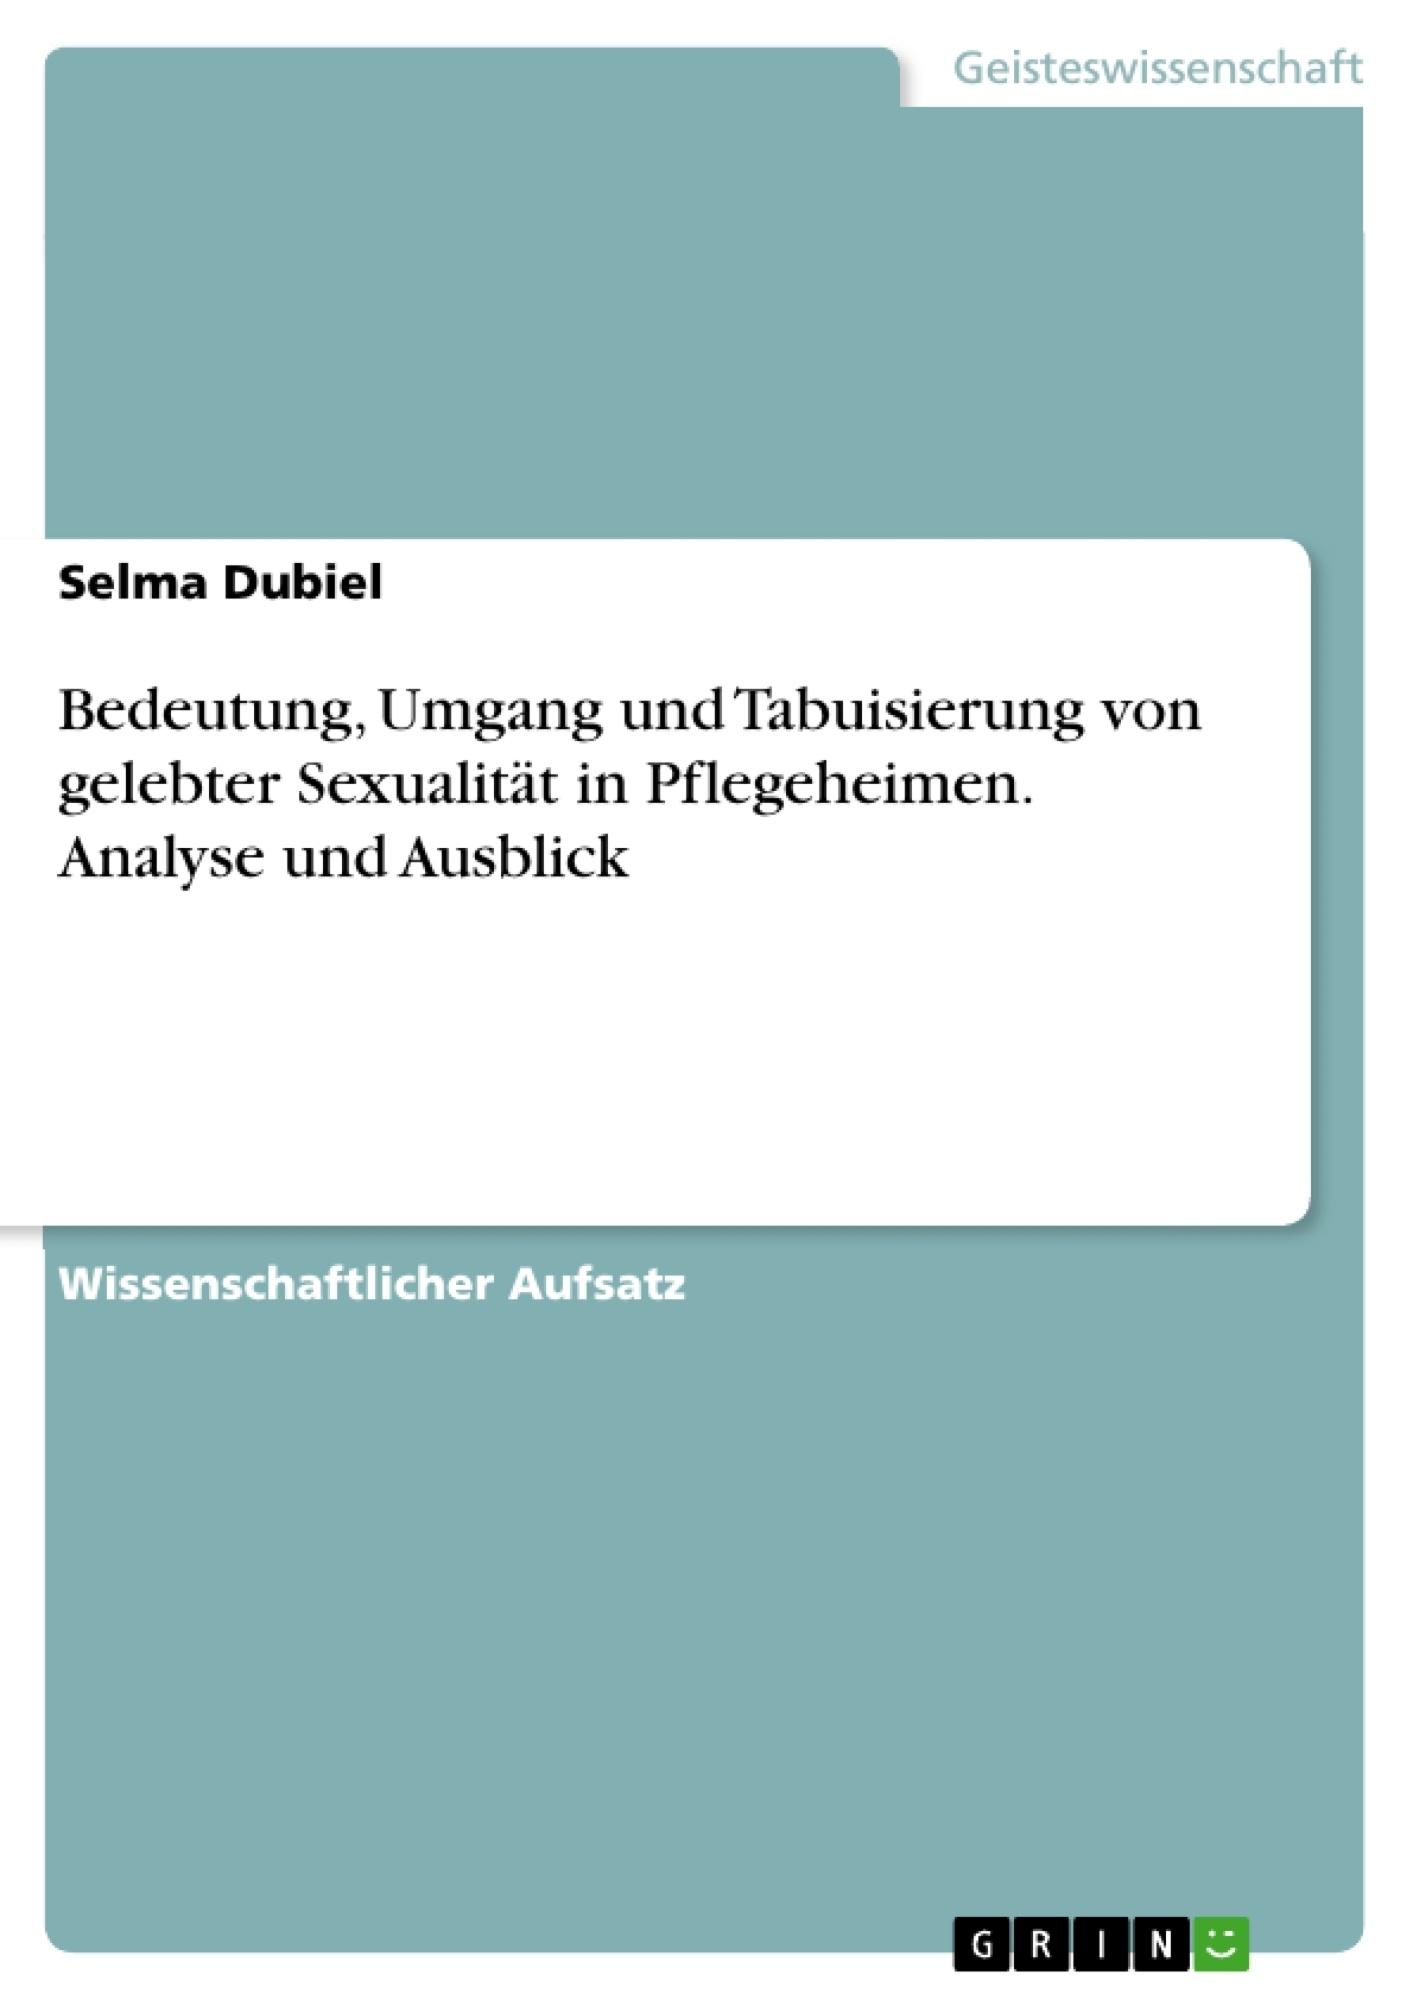 Titel: Bedeutung, Umgang und Tabuisierung von gelebter Sexualität in Pflegeheimen. Analyse und Ausblick